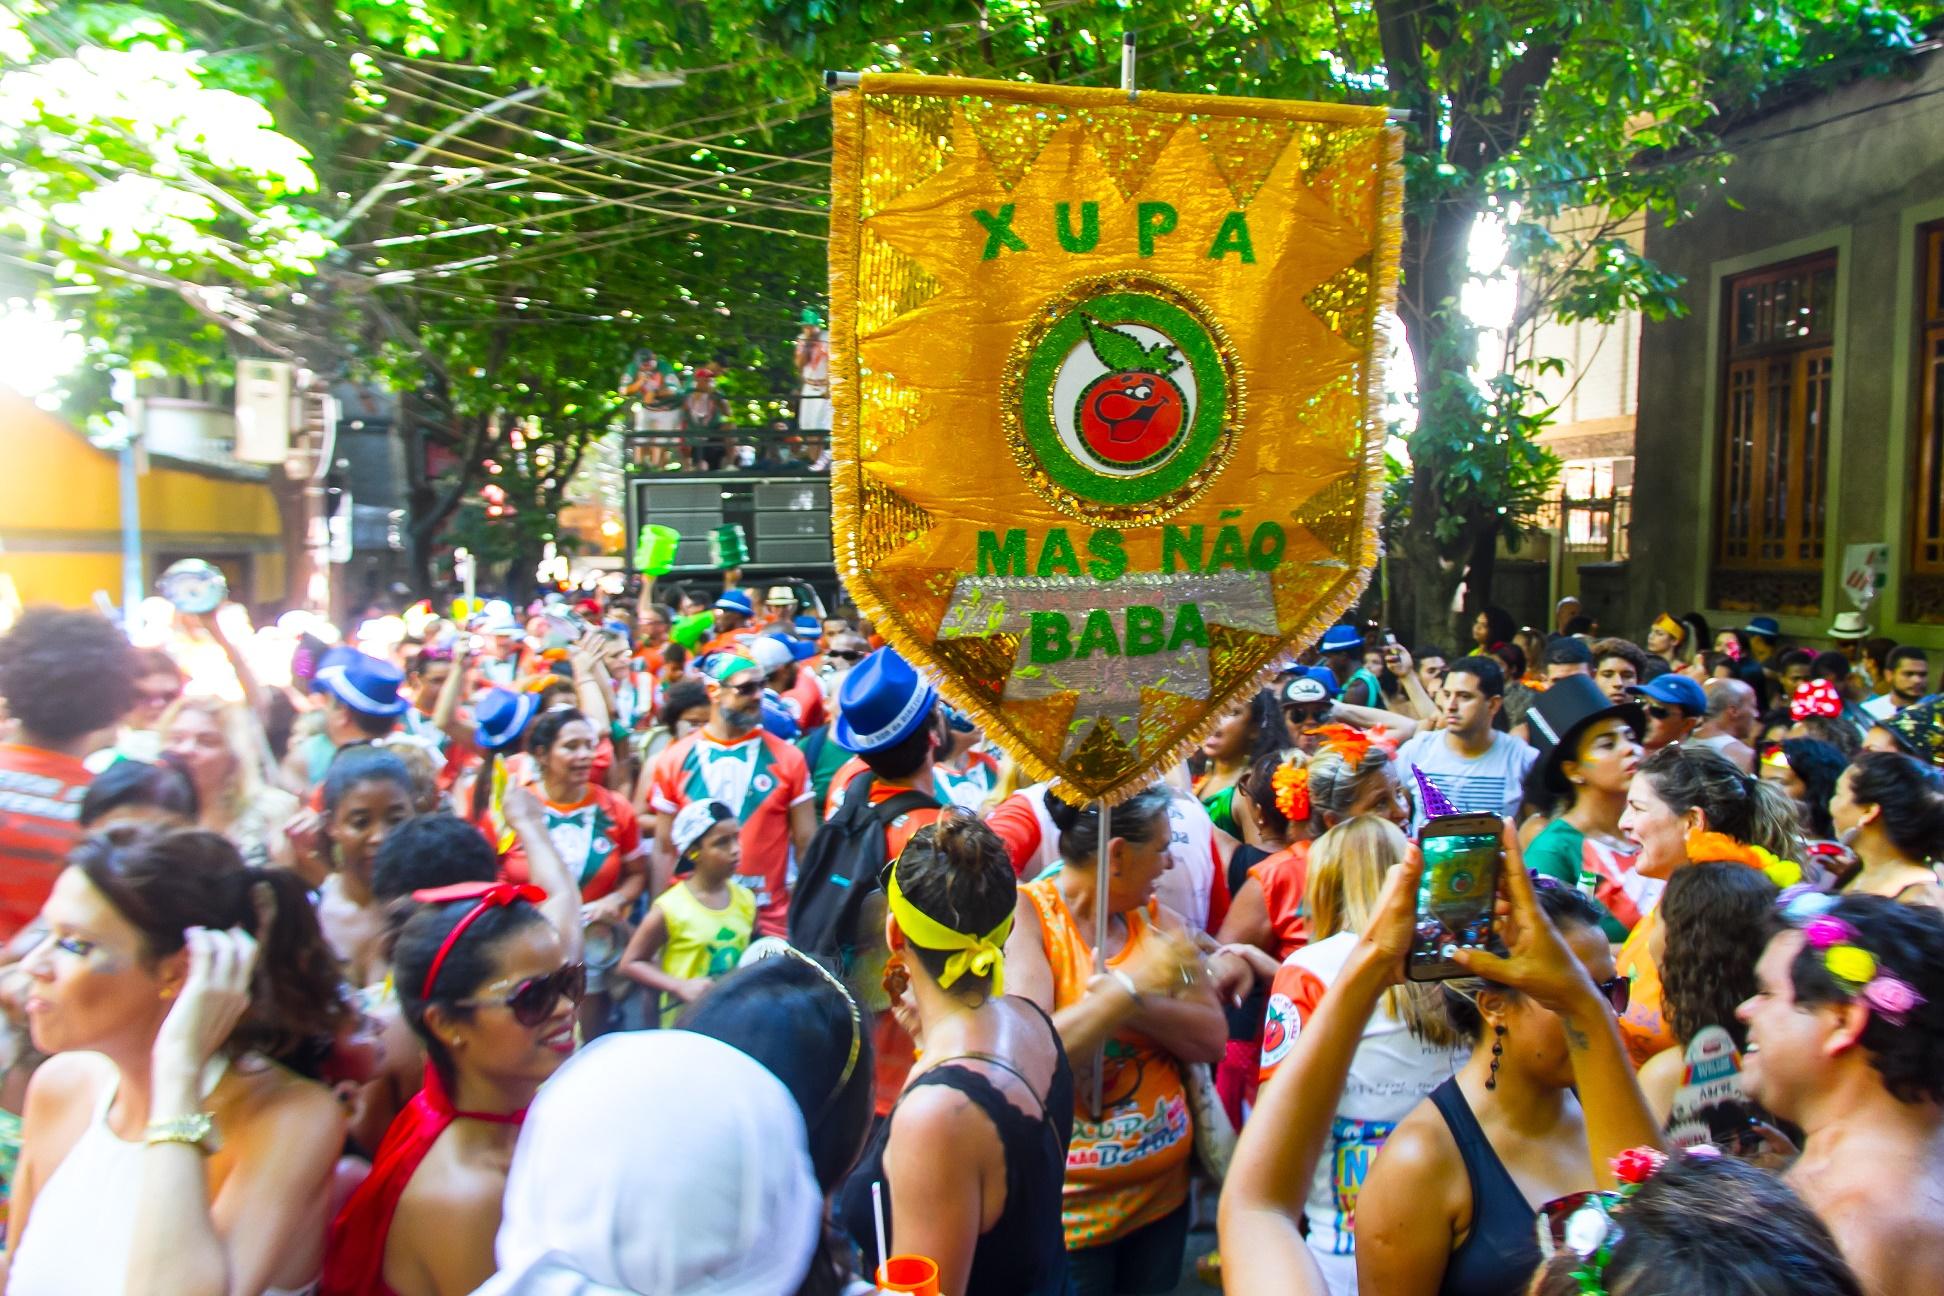 Organizadores do Carnaval de rua dizem que está cada vez mais difícil bancar a festa. Foto de Ellan Lustosa/Citizenside